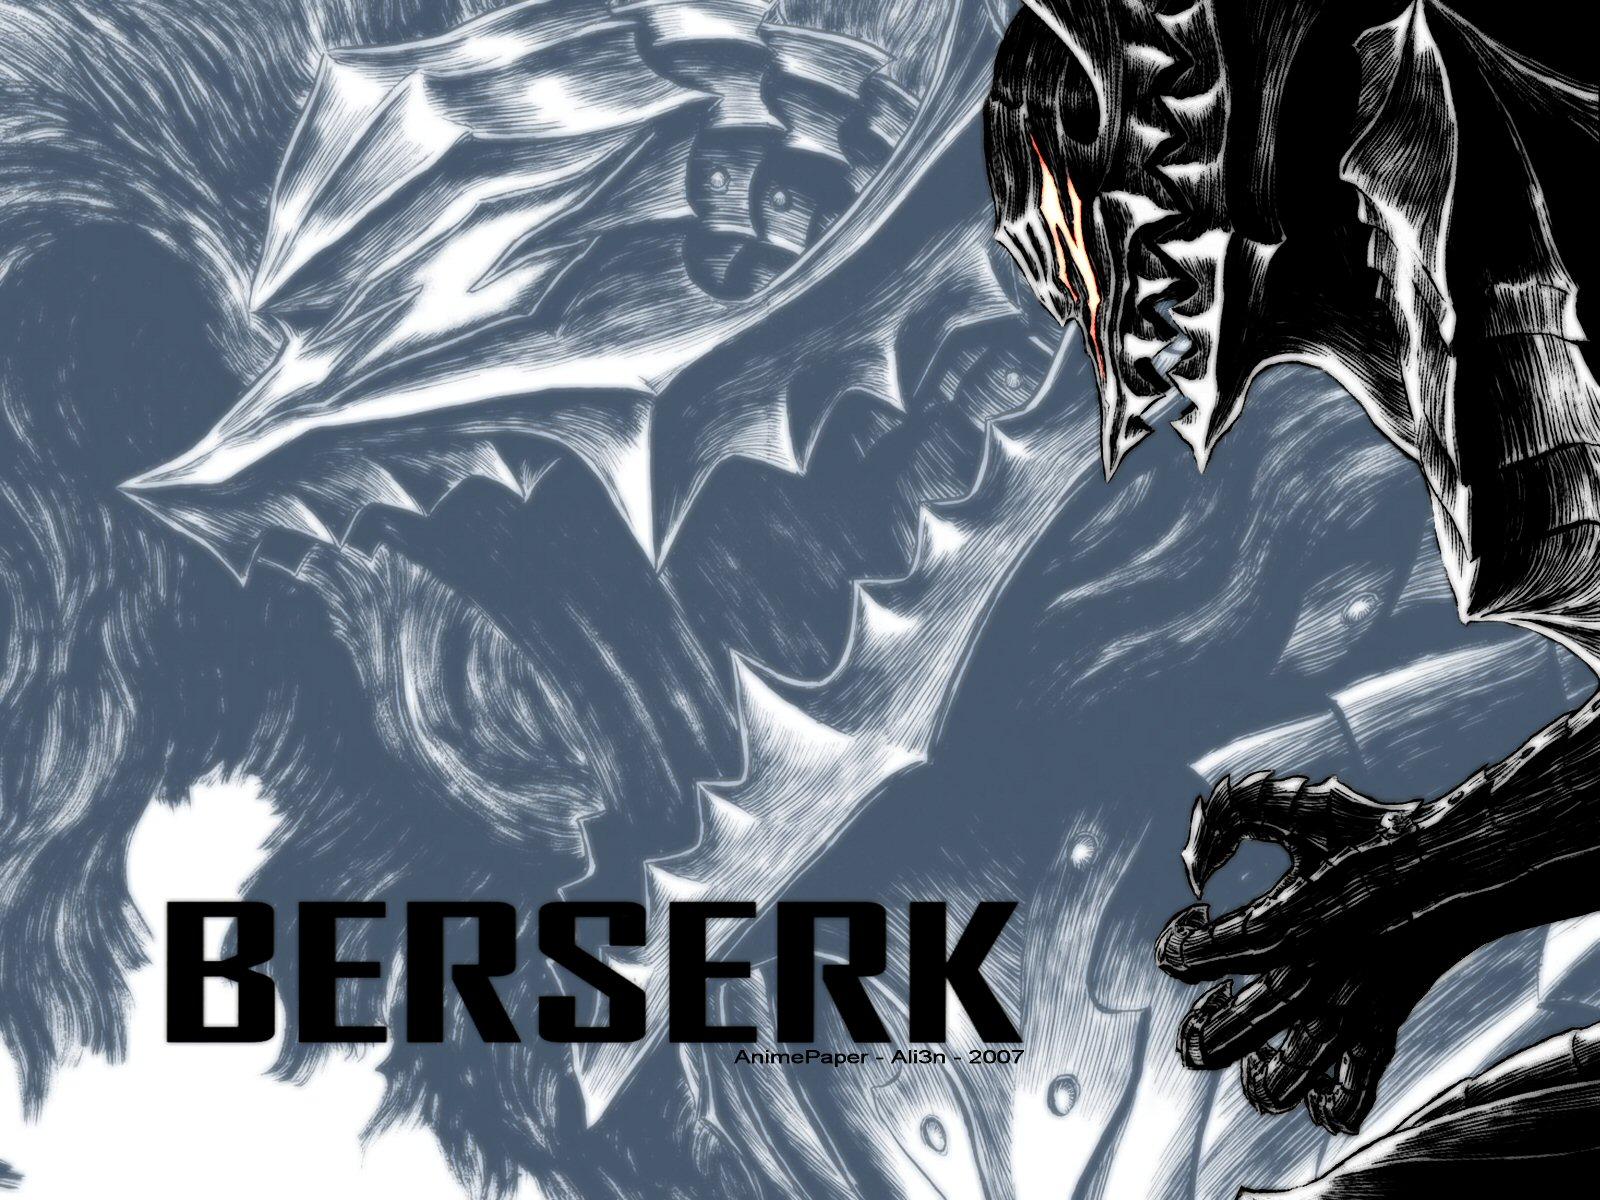 Anime Berserk Wallpaper 1600x1200 Anime Berserk 1600x1200